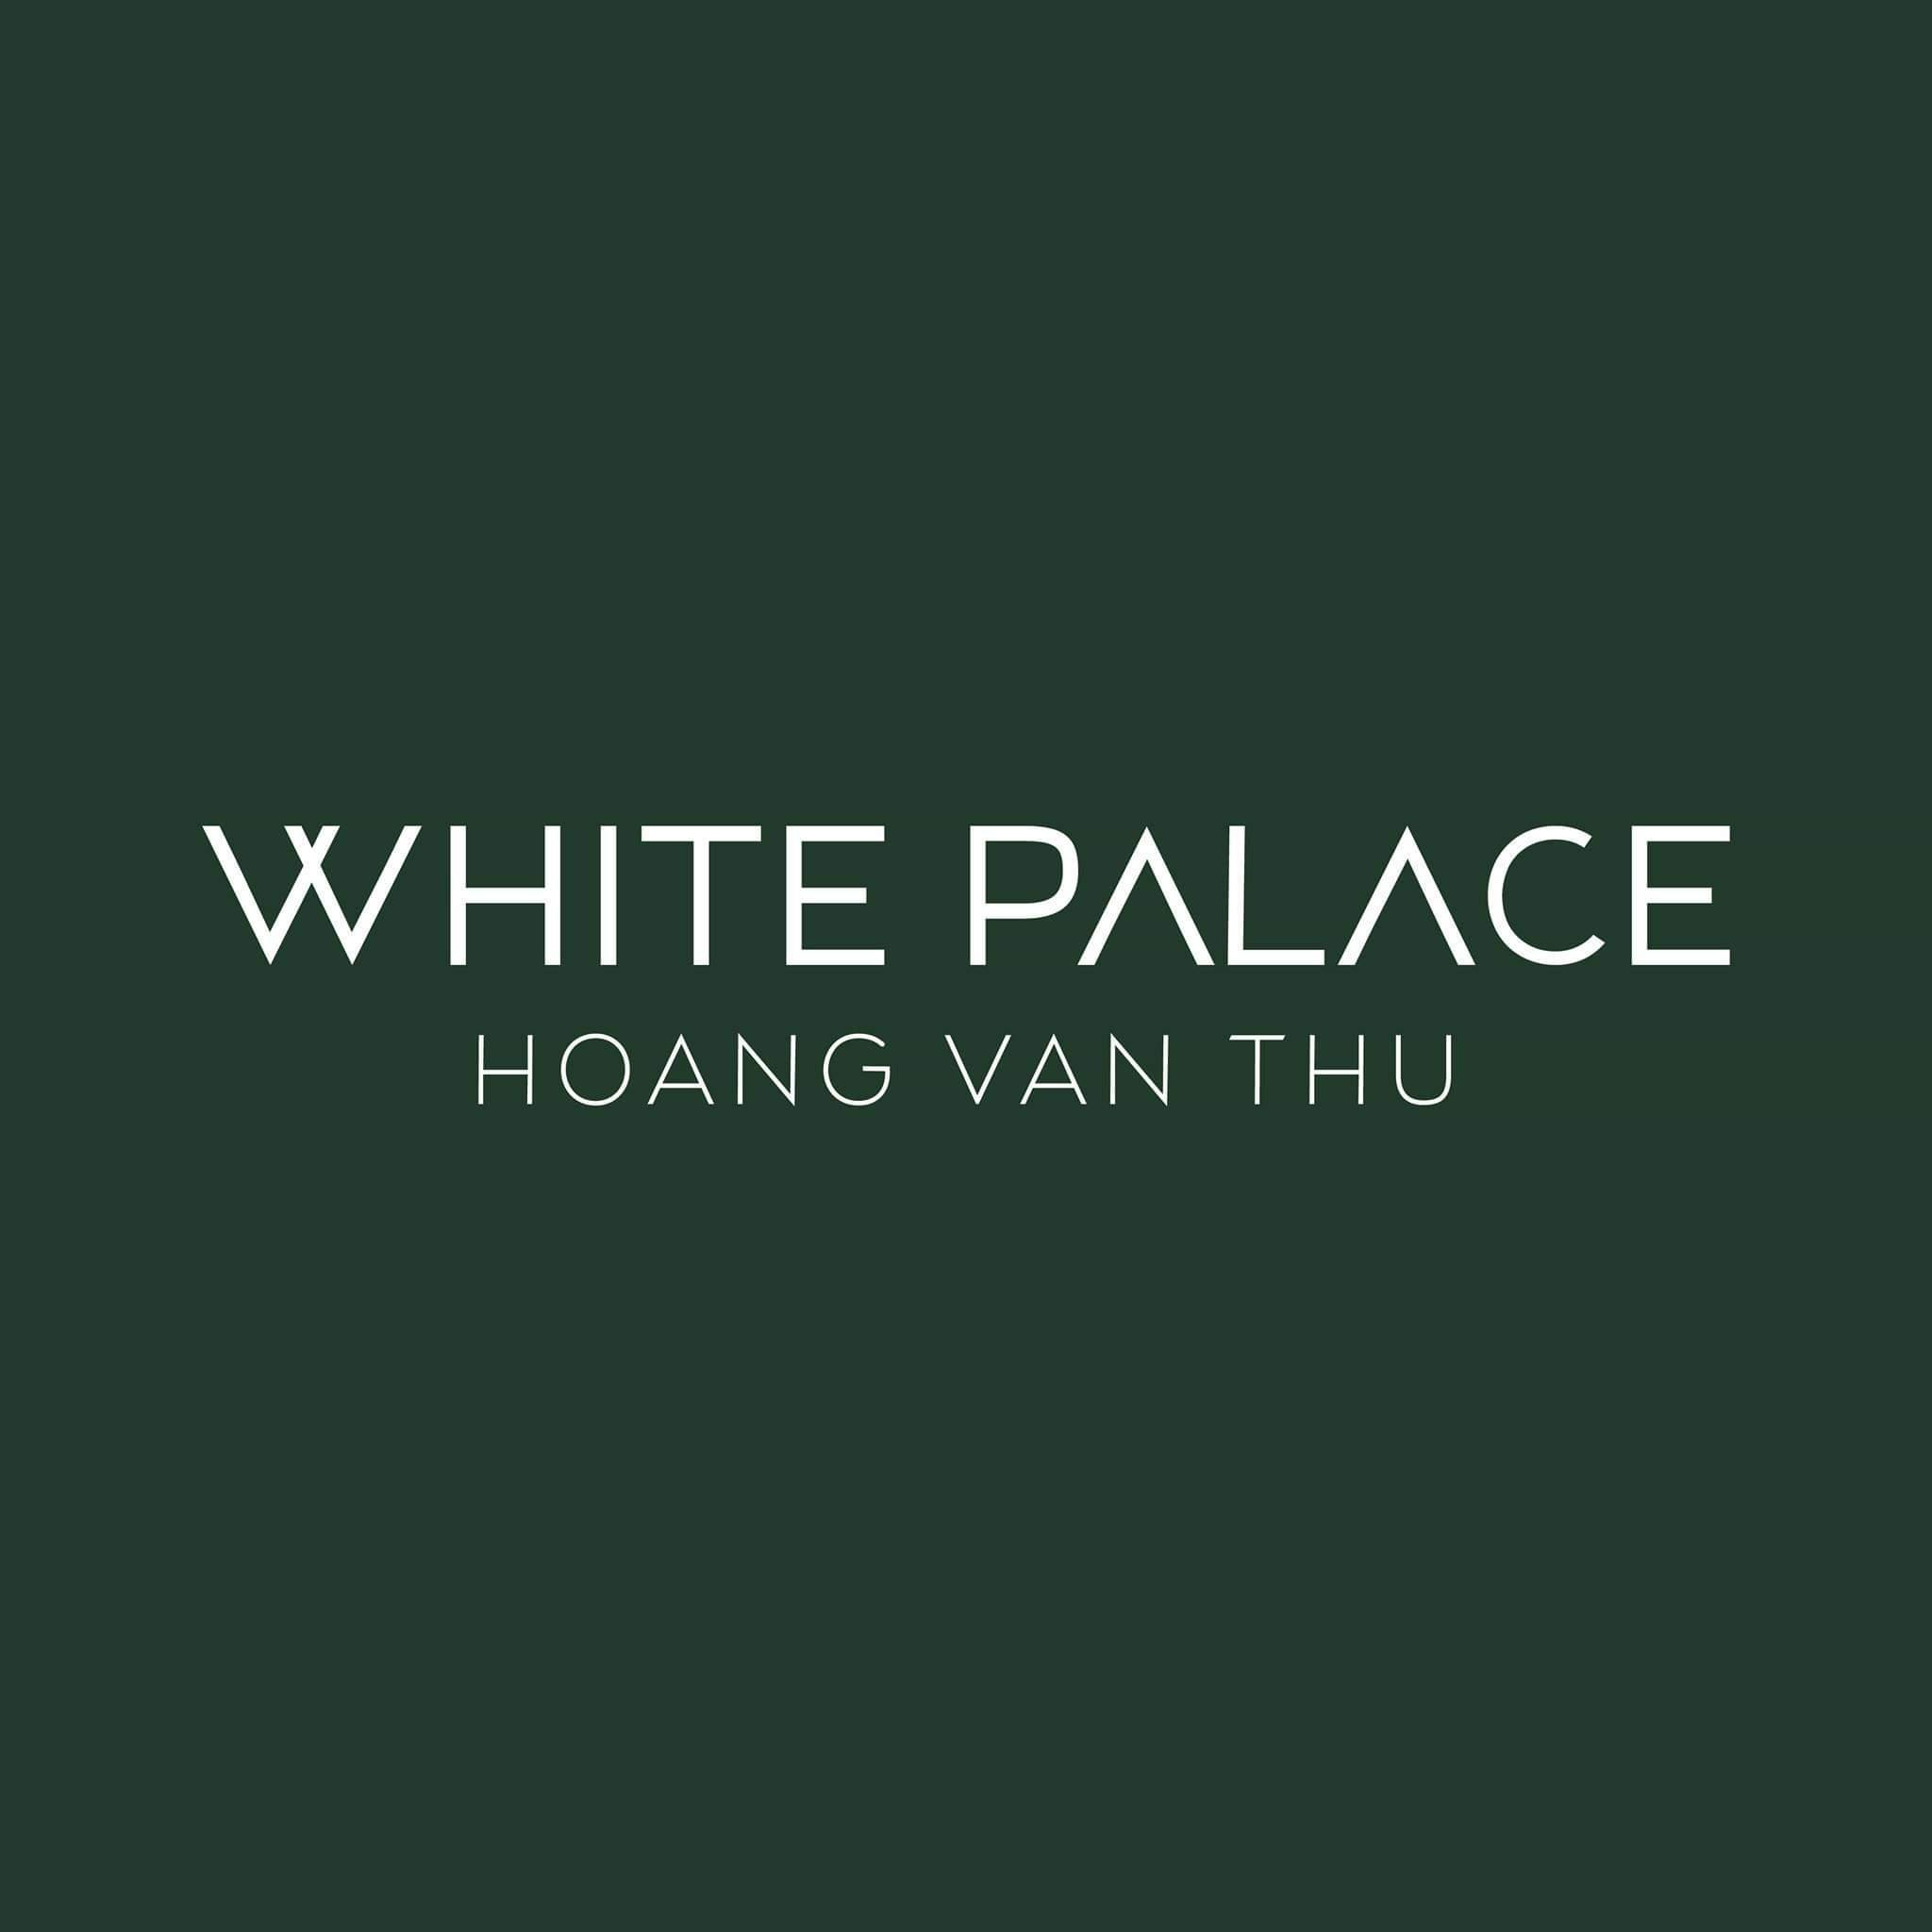 White Palace Hoang Van Thu